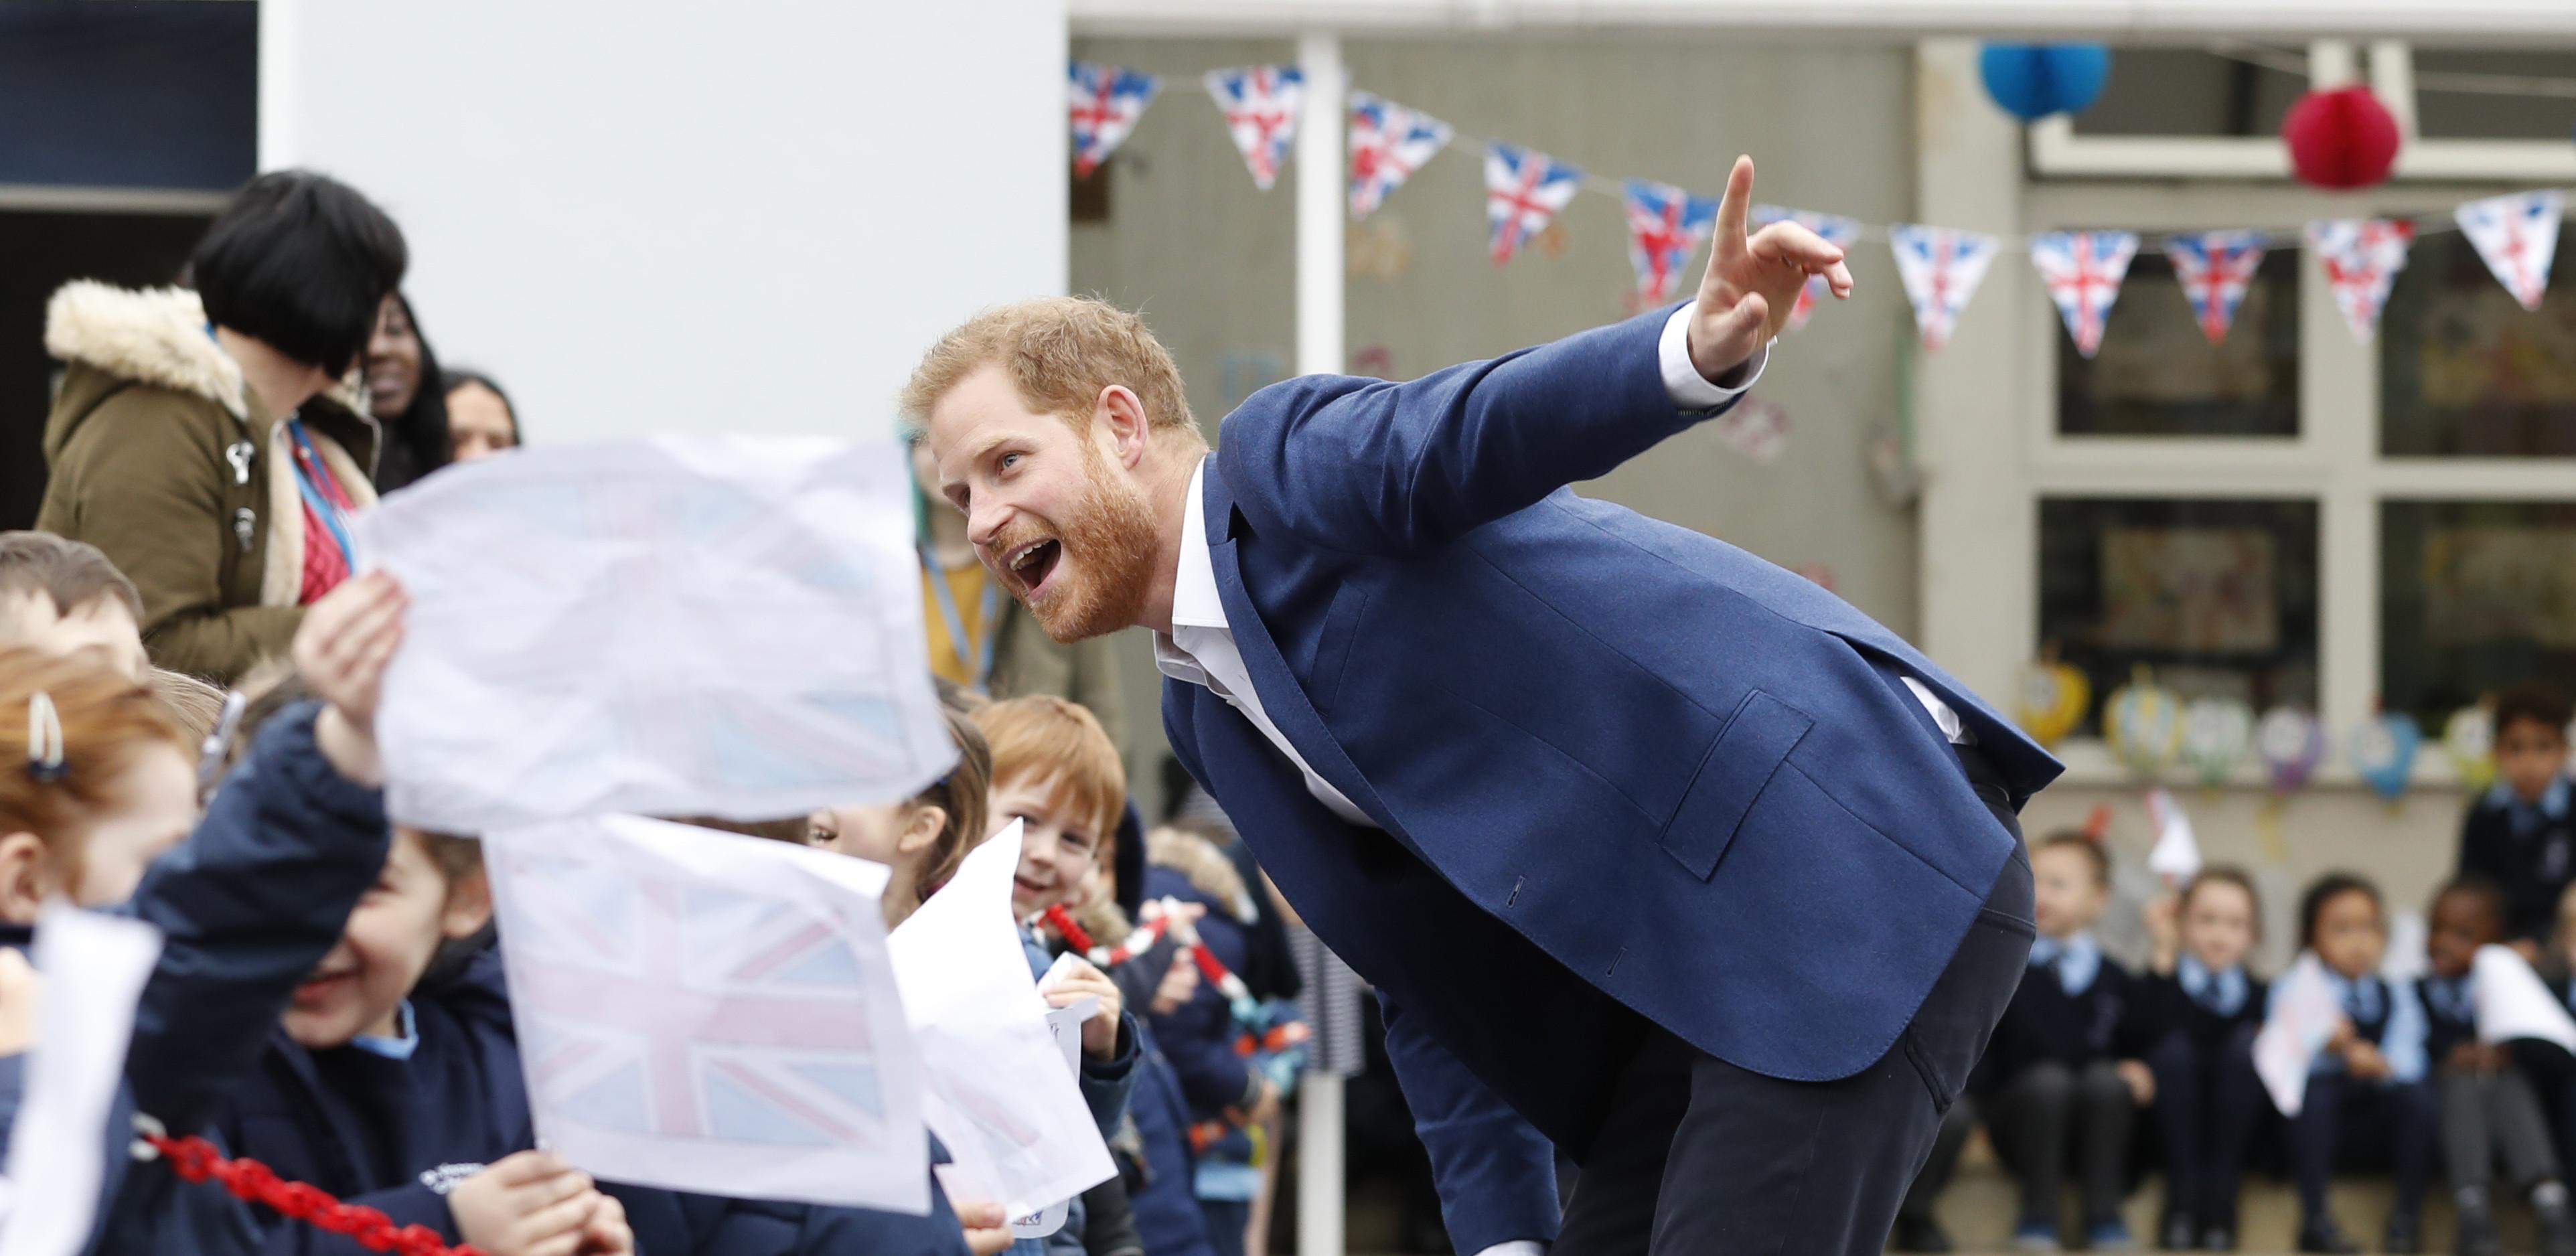 Príncipe Harry explica a crianças como é que Meghan Markle engravidou